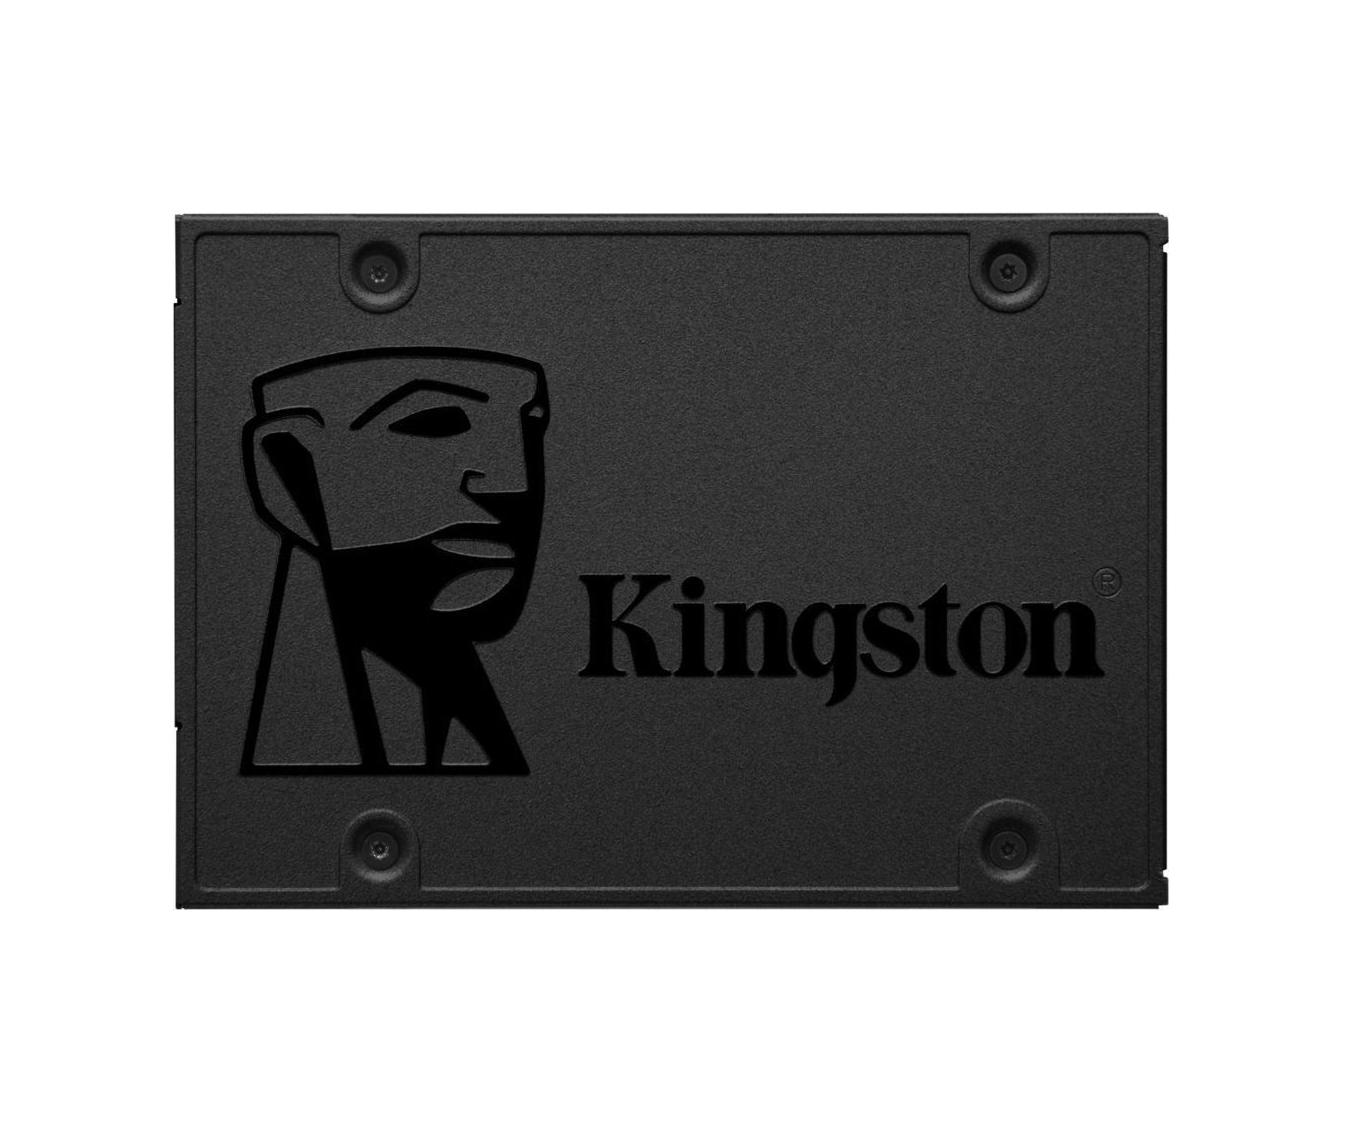 Kingston SSD A400 960GB Σκληρός Δίσκος SSD SA400S37/960G